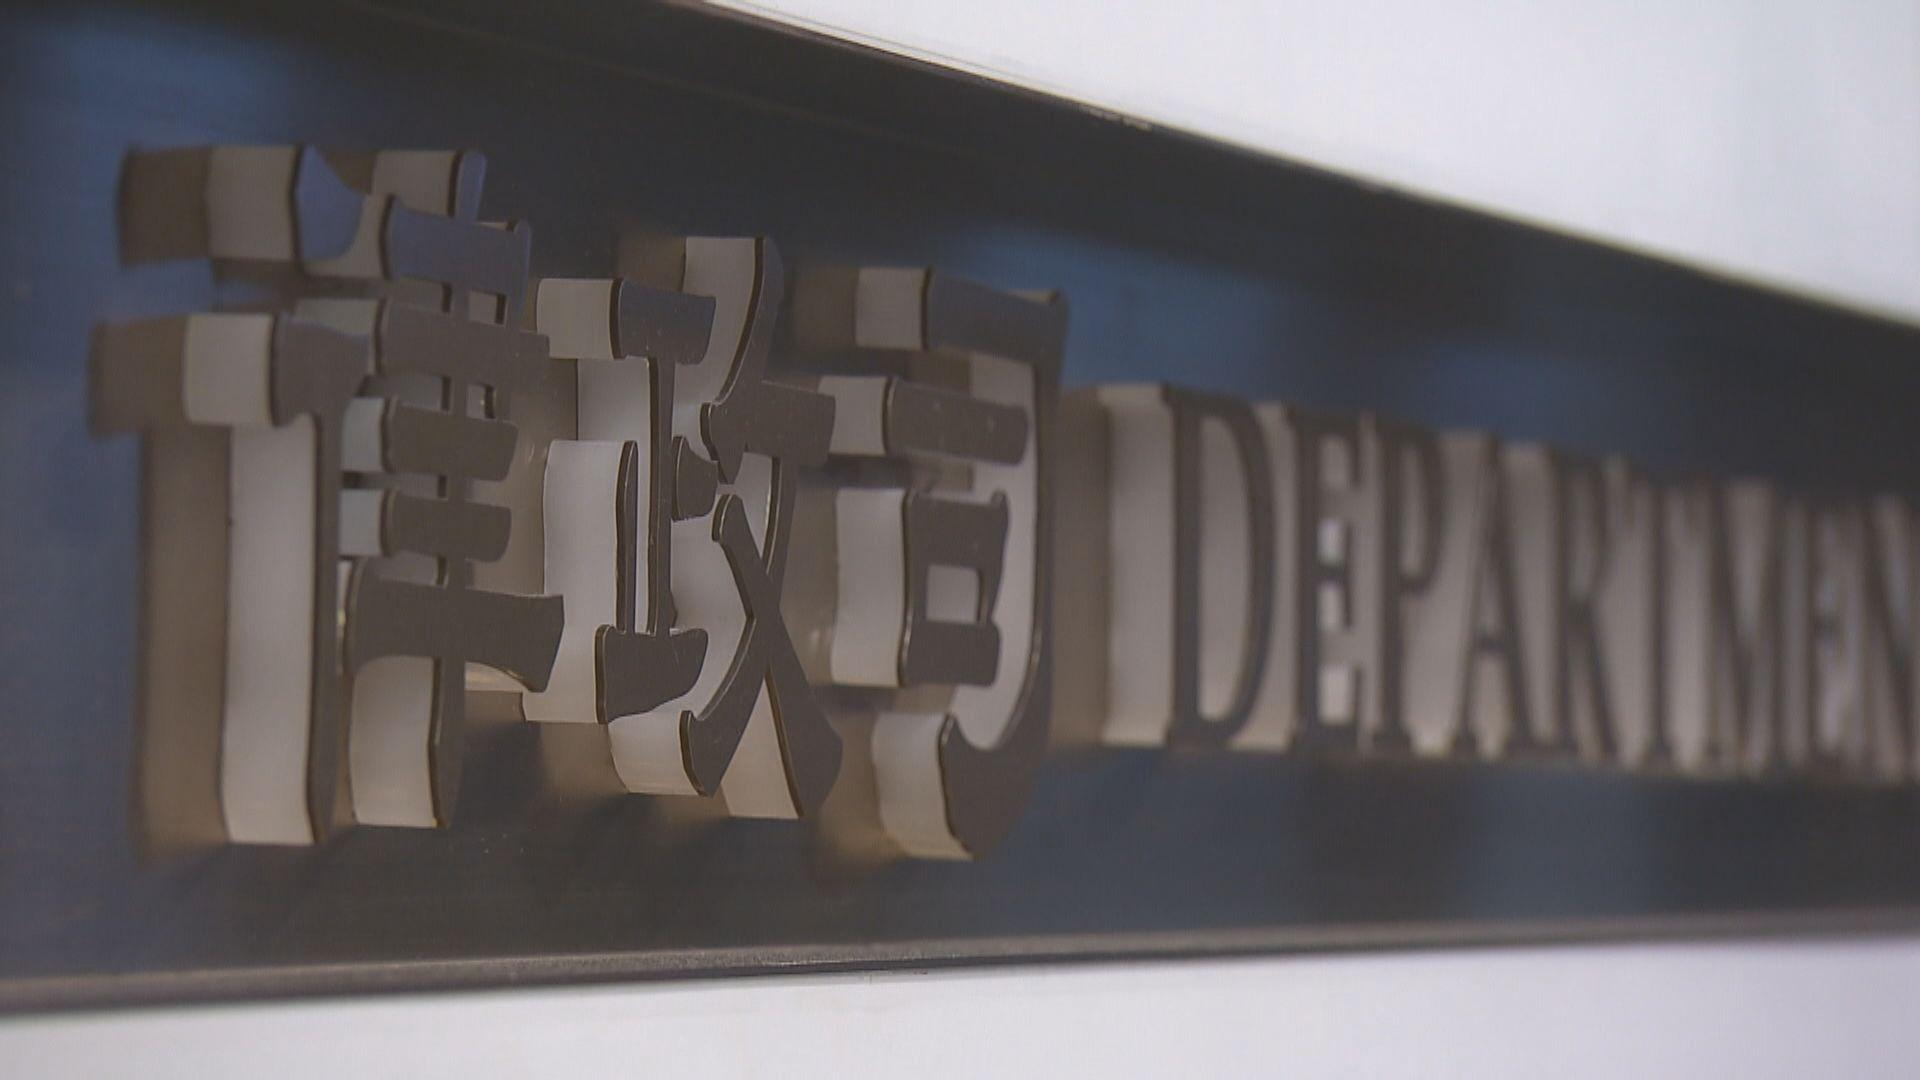 鄭若驊:向公眾作出真誠致歉 願接受批評